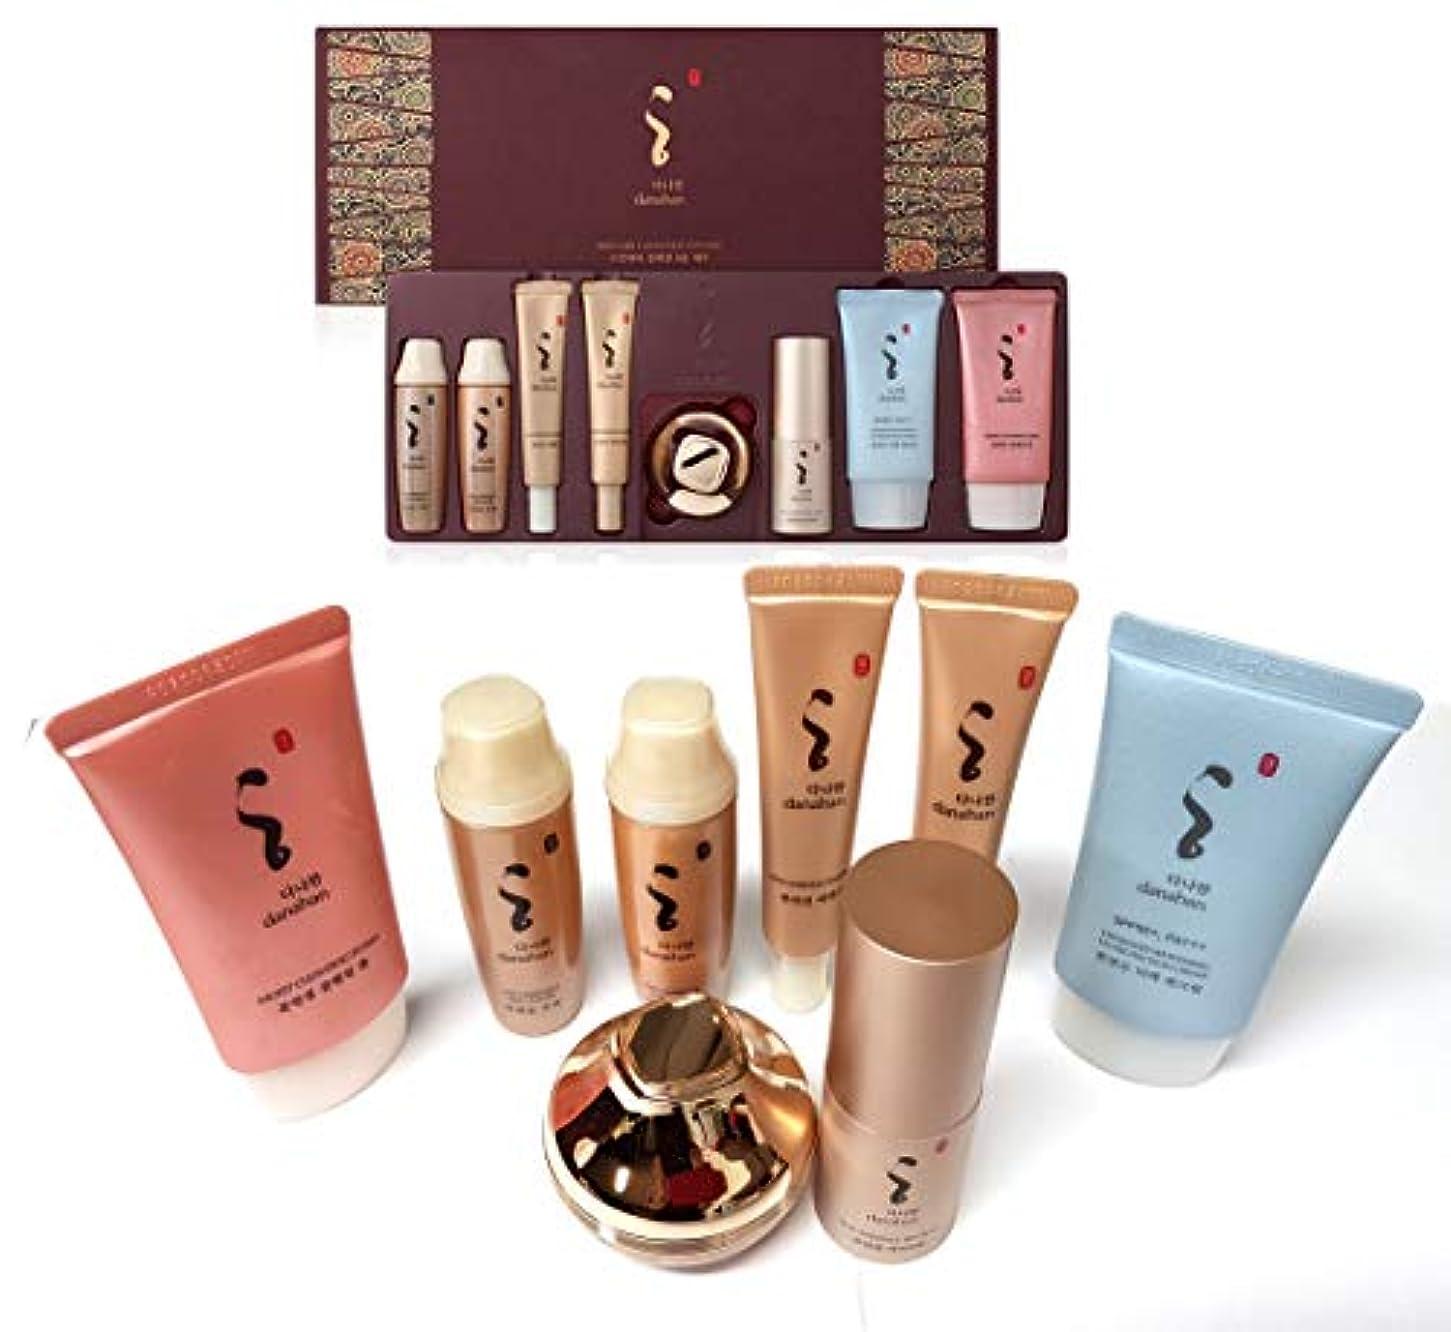 意味のある列車ツール[DANAHAN] スキンケアコレクションギフト8本セット/ Skin Care Collection gift 8pcs set/モイスチャー、ハーバルフルイド/Moisture, herbal fluidn/韓国化粧品/Korean Cosmetics [並行輸入品]